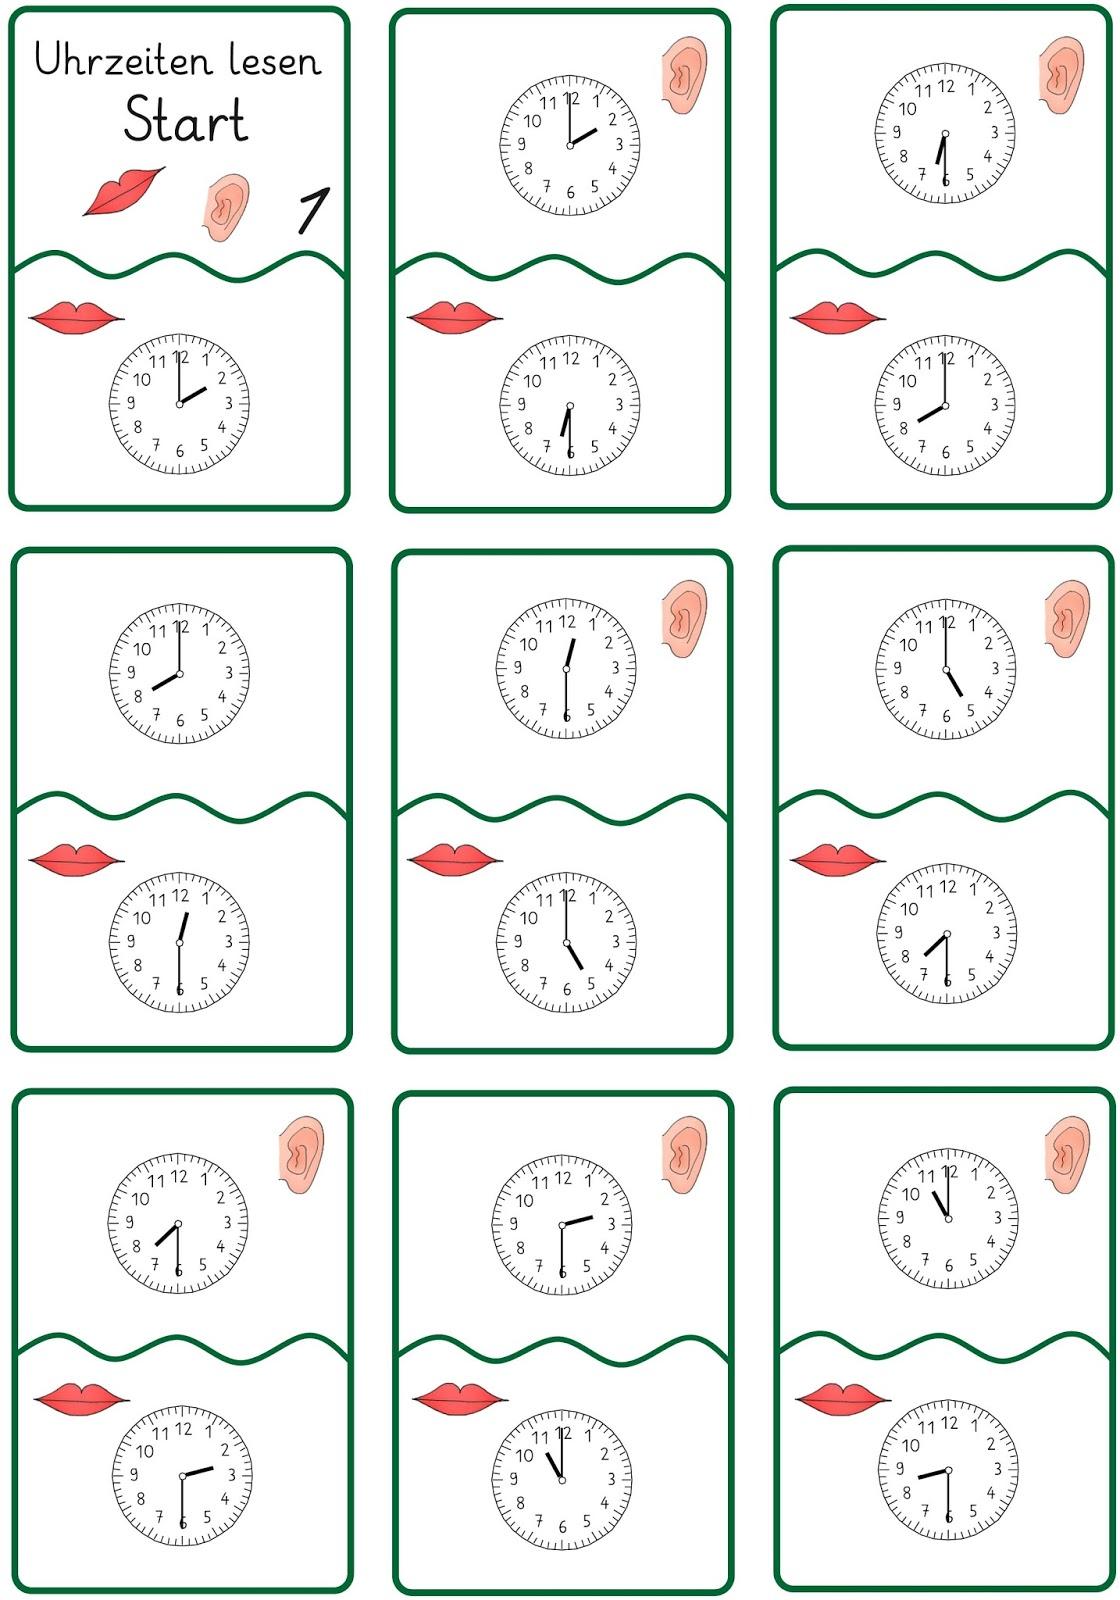 Arbeitsblatt Uhrzeit Volle Und Halbe Stunden : Lernstübchen uhrzeiten lesen ein lesespiel